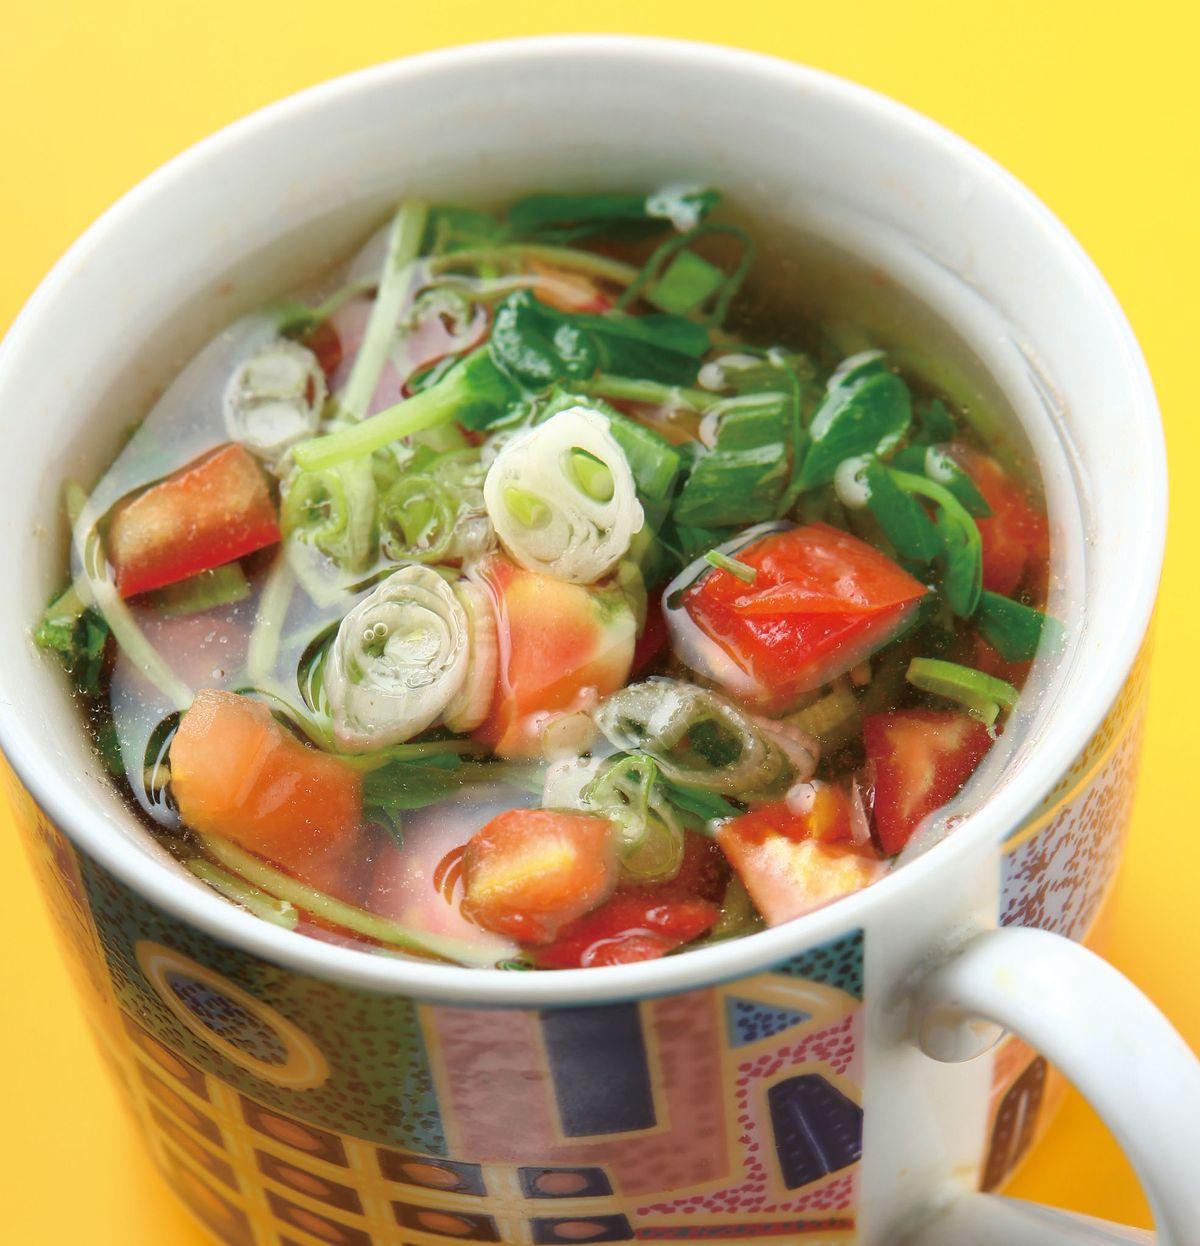 食譜:番茄豆苗湯